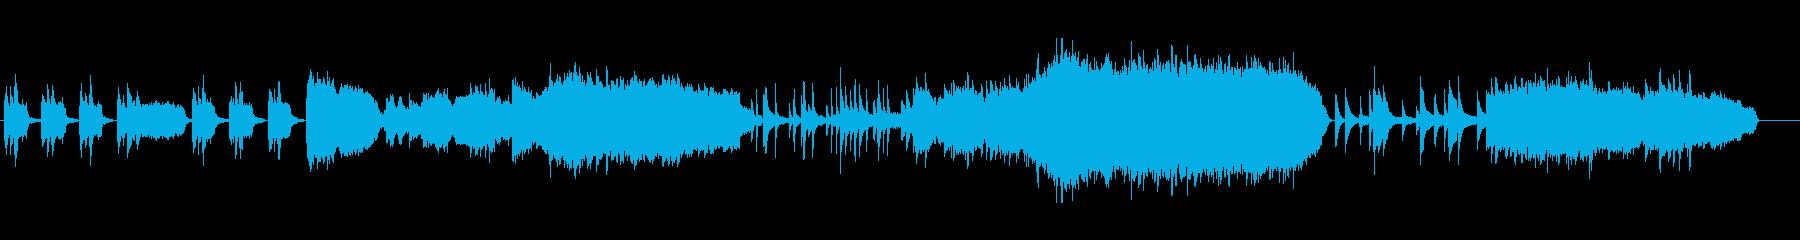 ピアノ&ストリングス 王道の感動曲の再生済みの波形